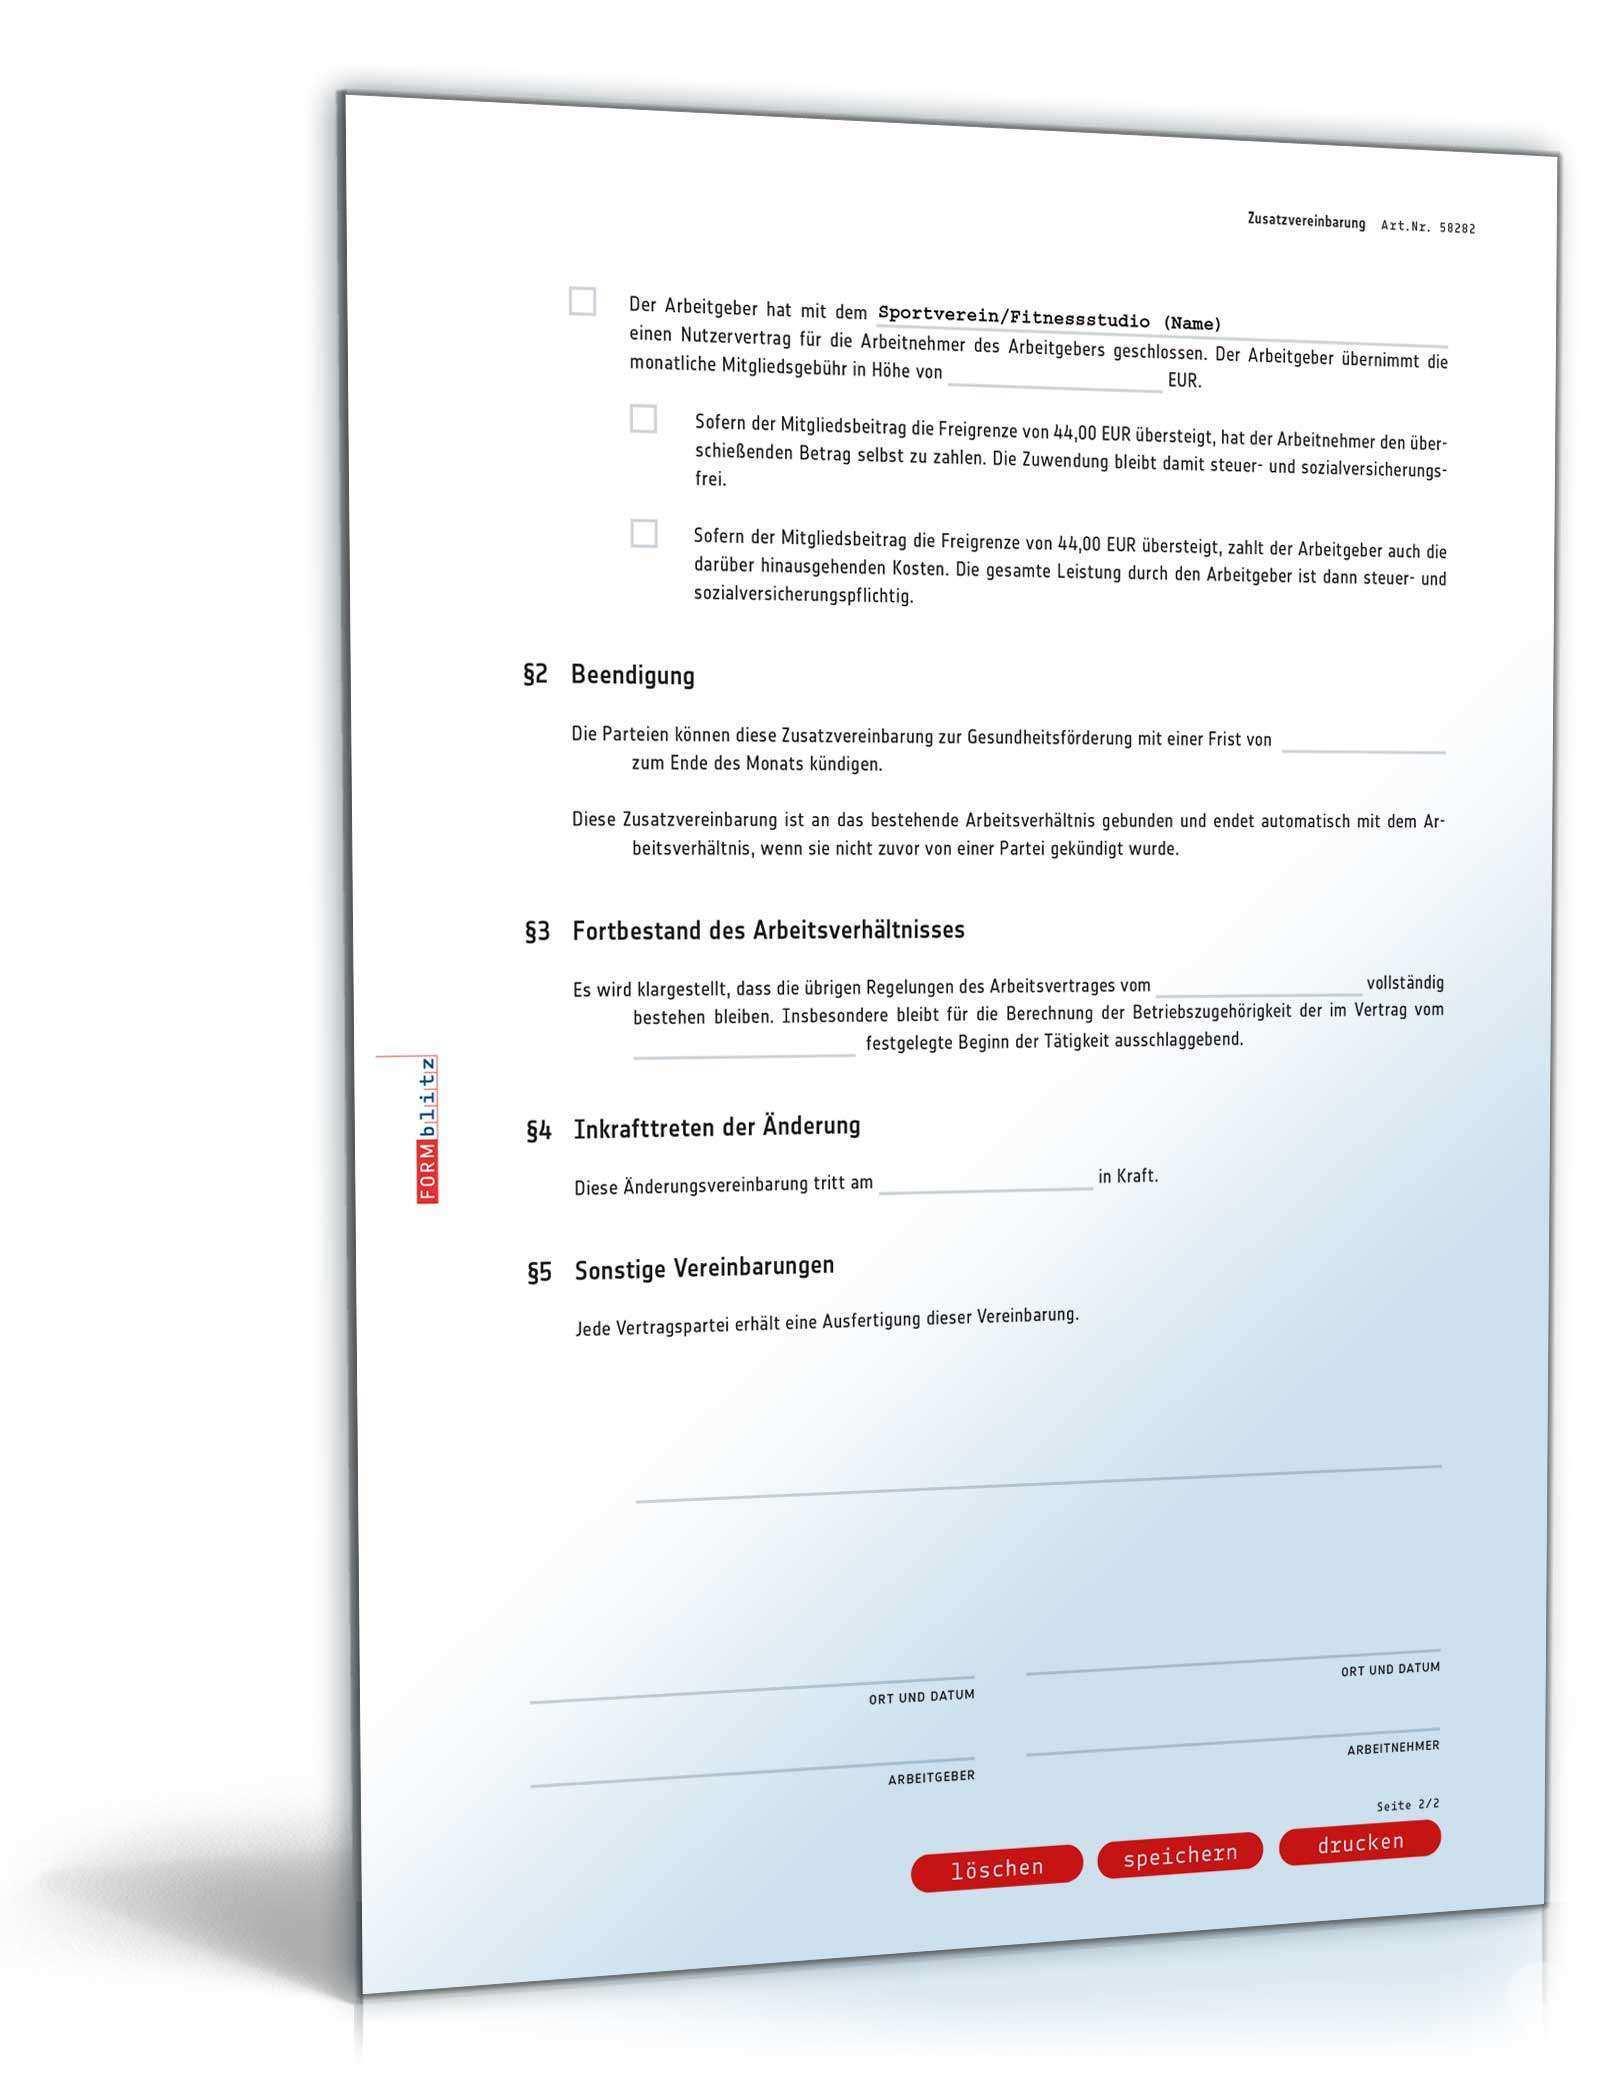 Zusatzvereinbarung Zur Gesundheitsforderung Muster Vorlage Zum Download